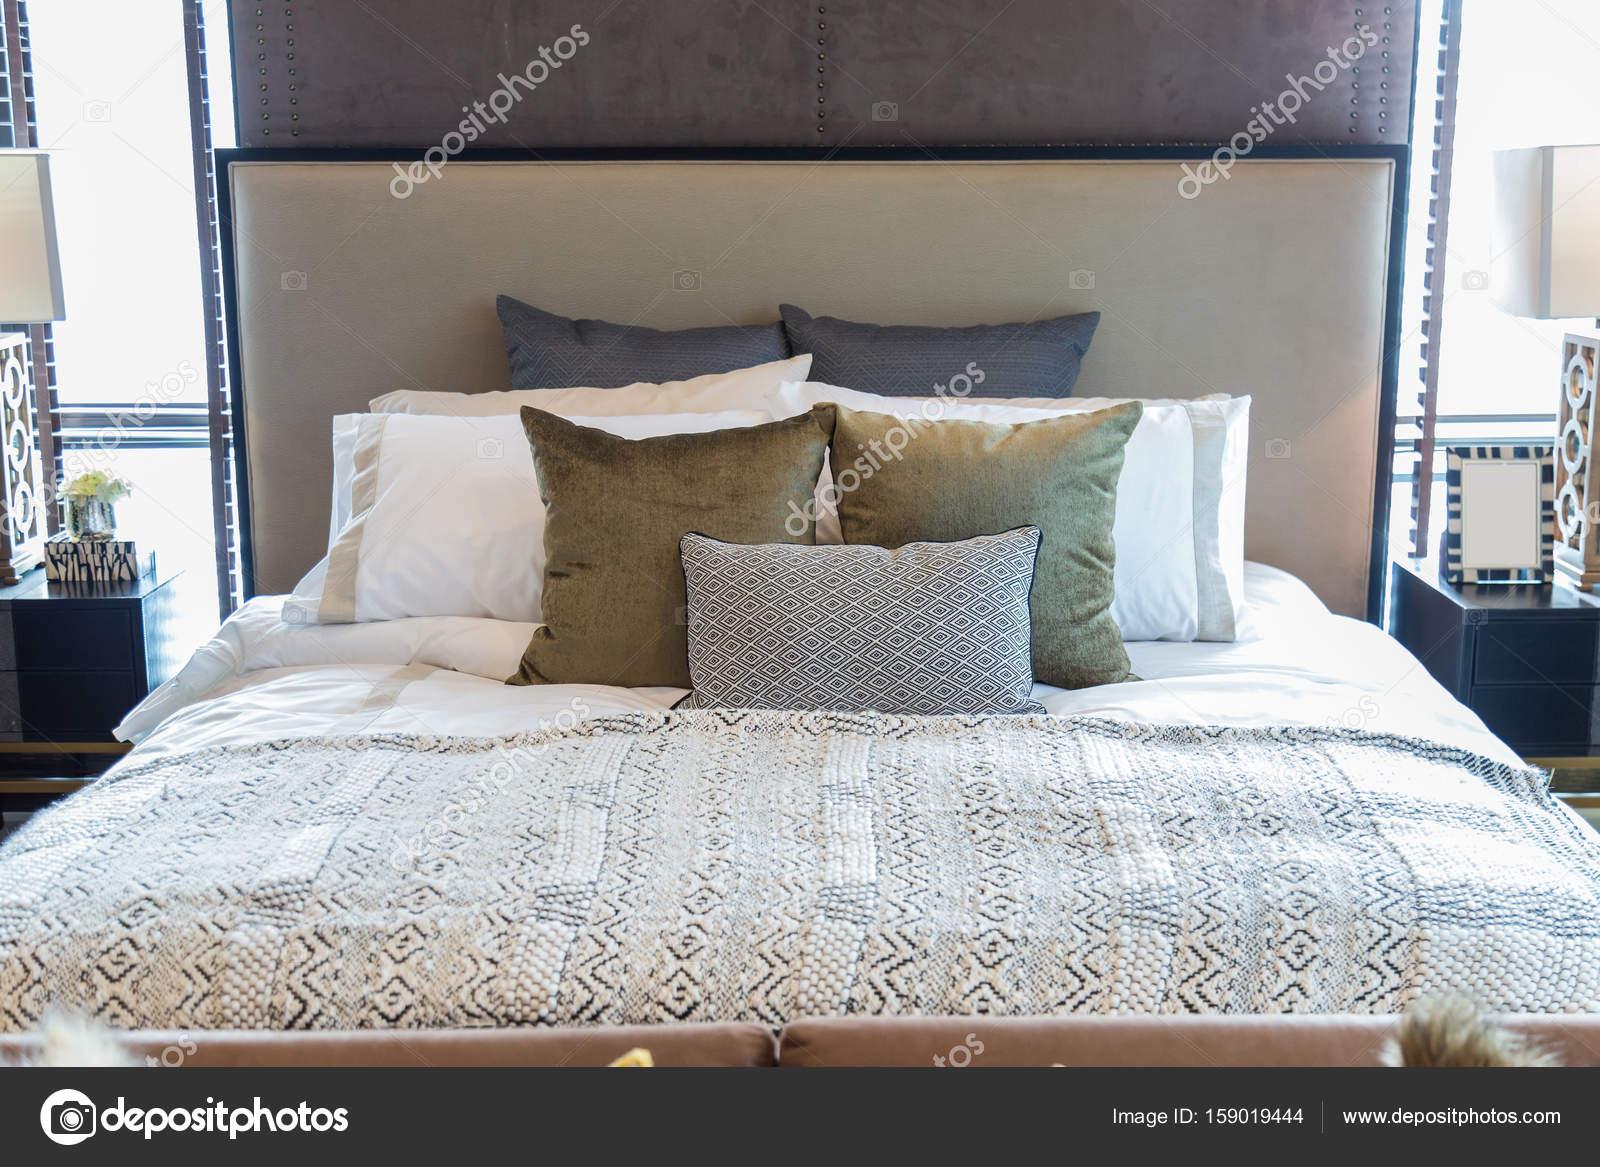 Molti cuscini sul letto in camera da letto. — Foto Stock ...